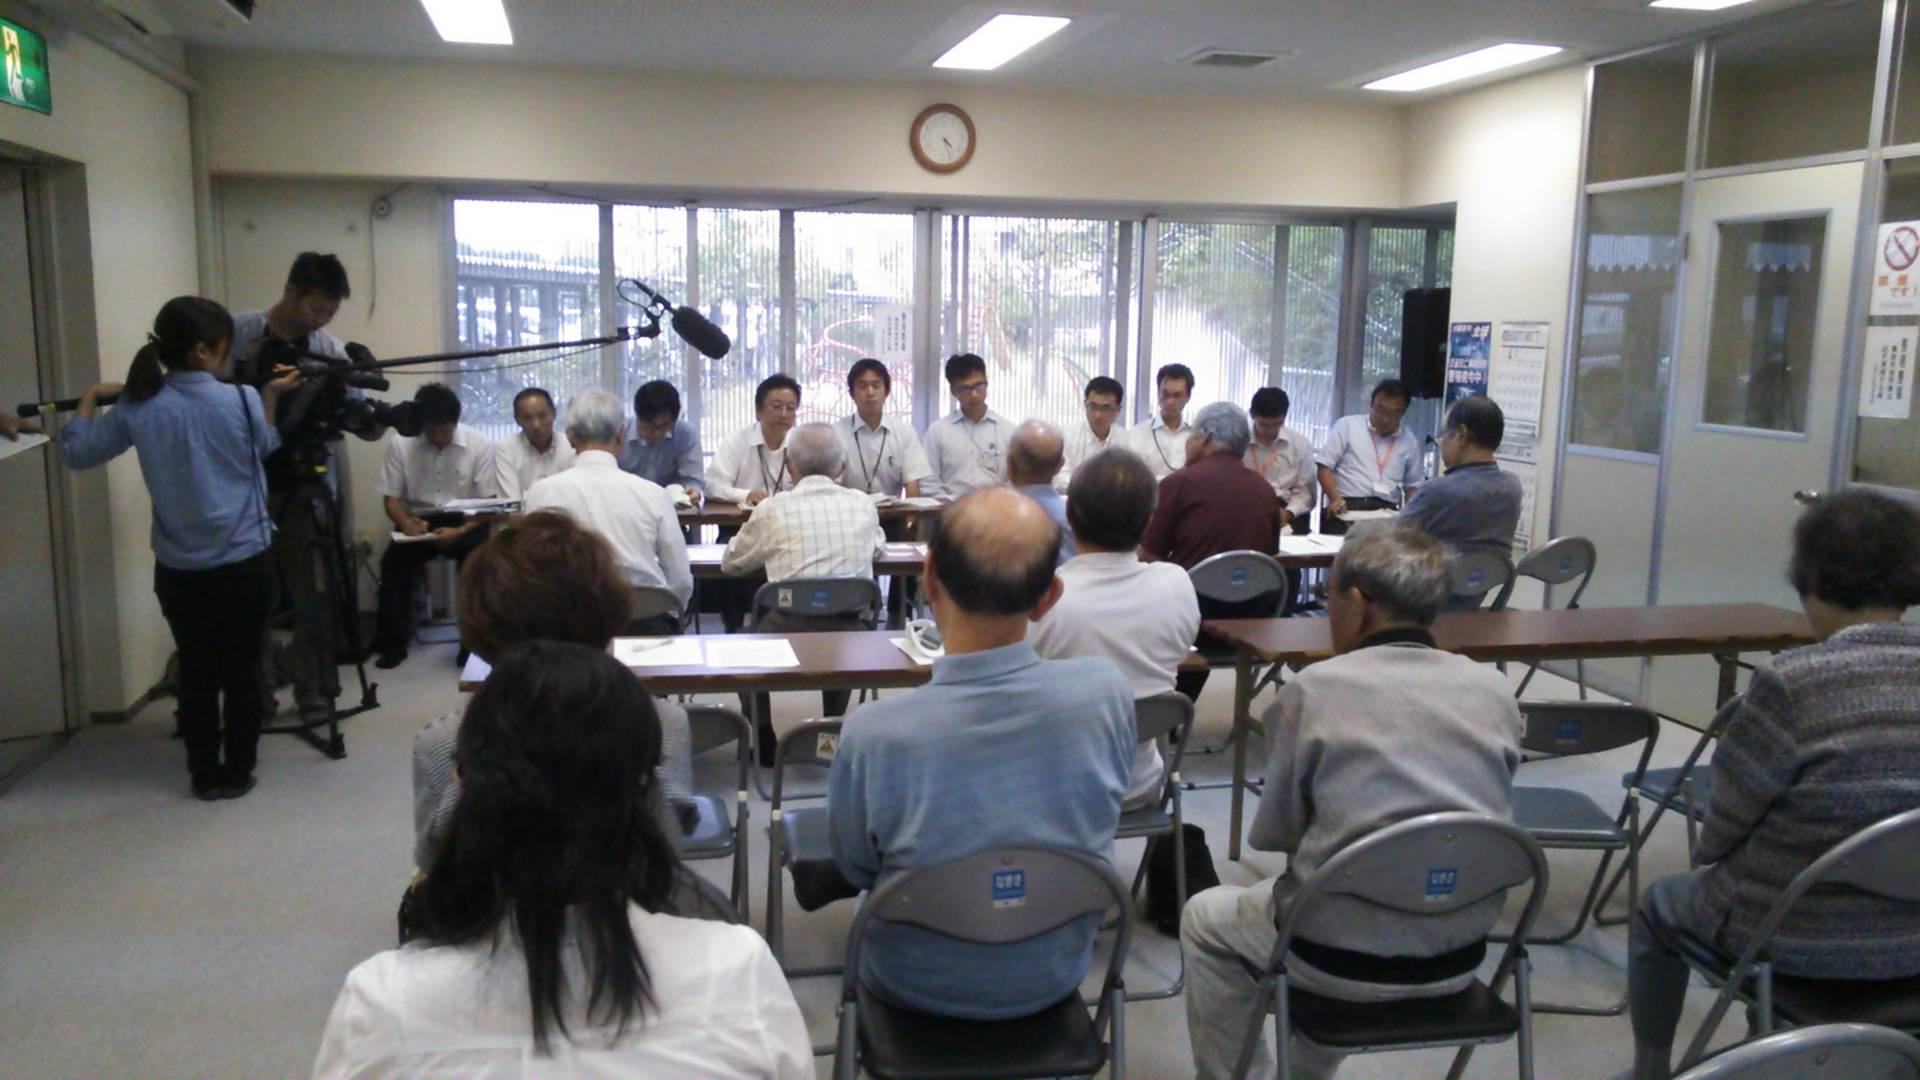 読売テレビのten(テン)で、なぎさ府営住宅の阪神高速湾岸線からの公害問題が放映される予定です!